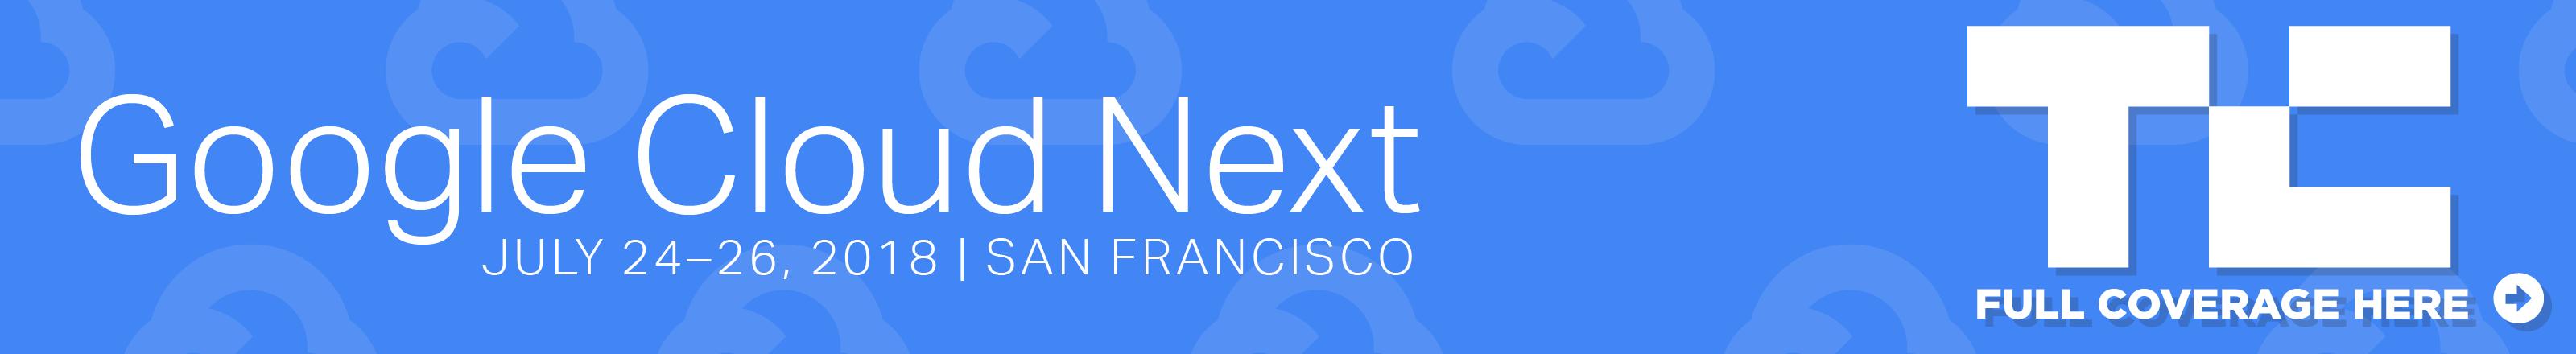 google cloud next 2018 banner 4